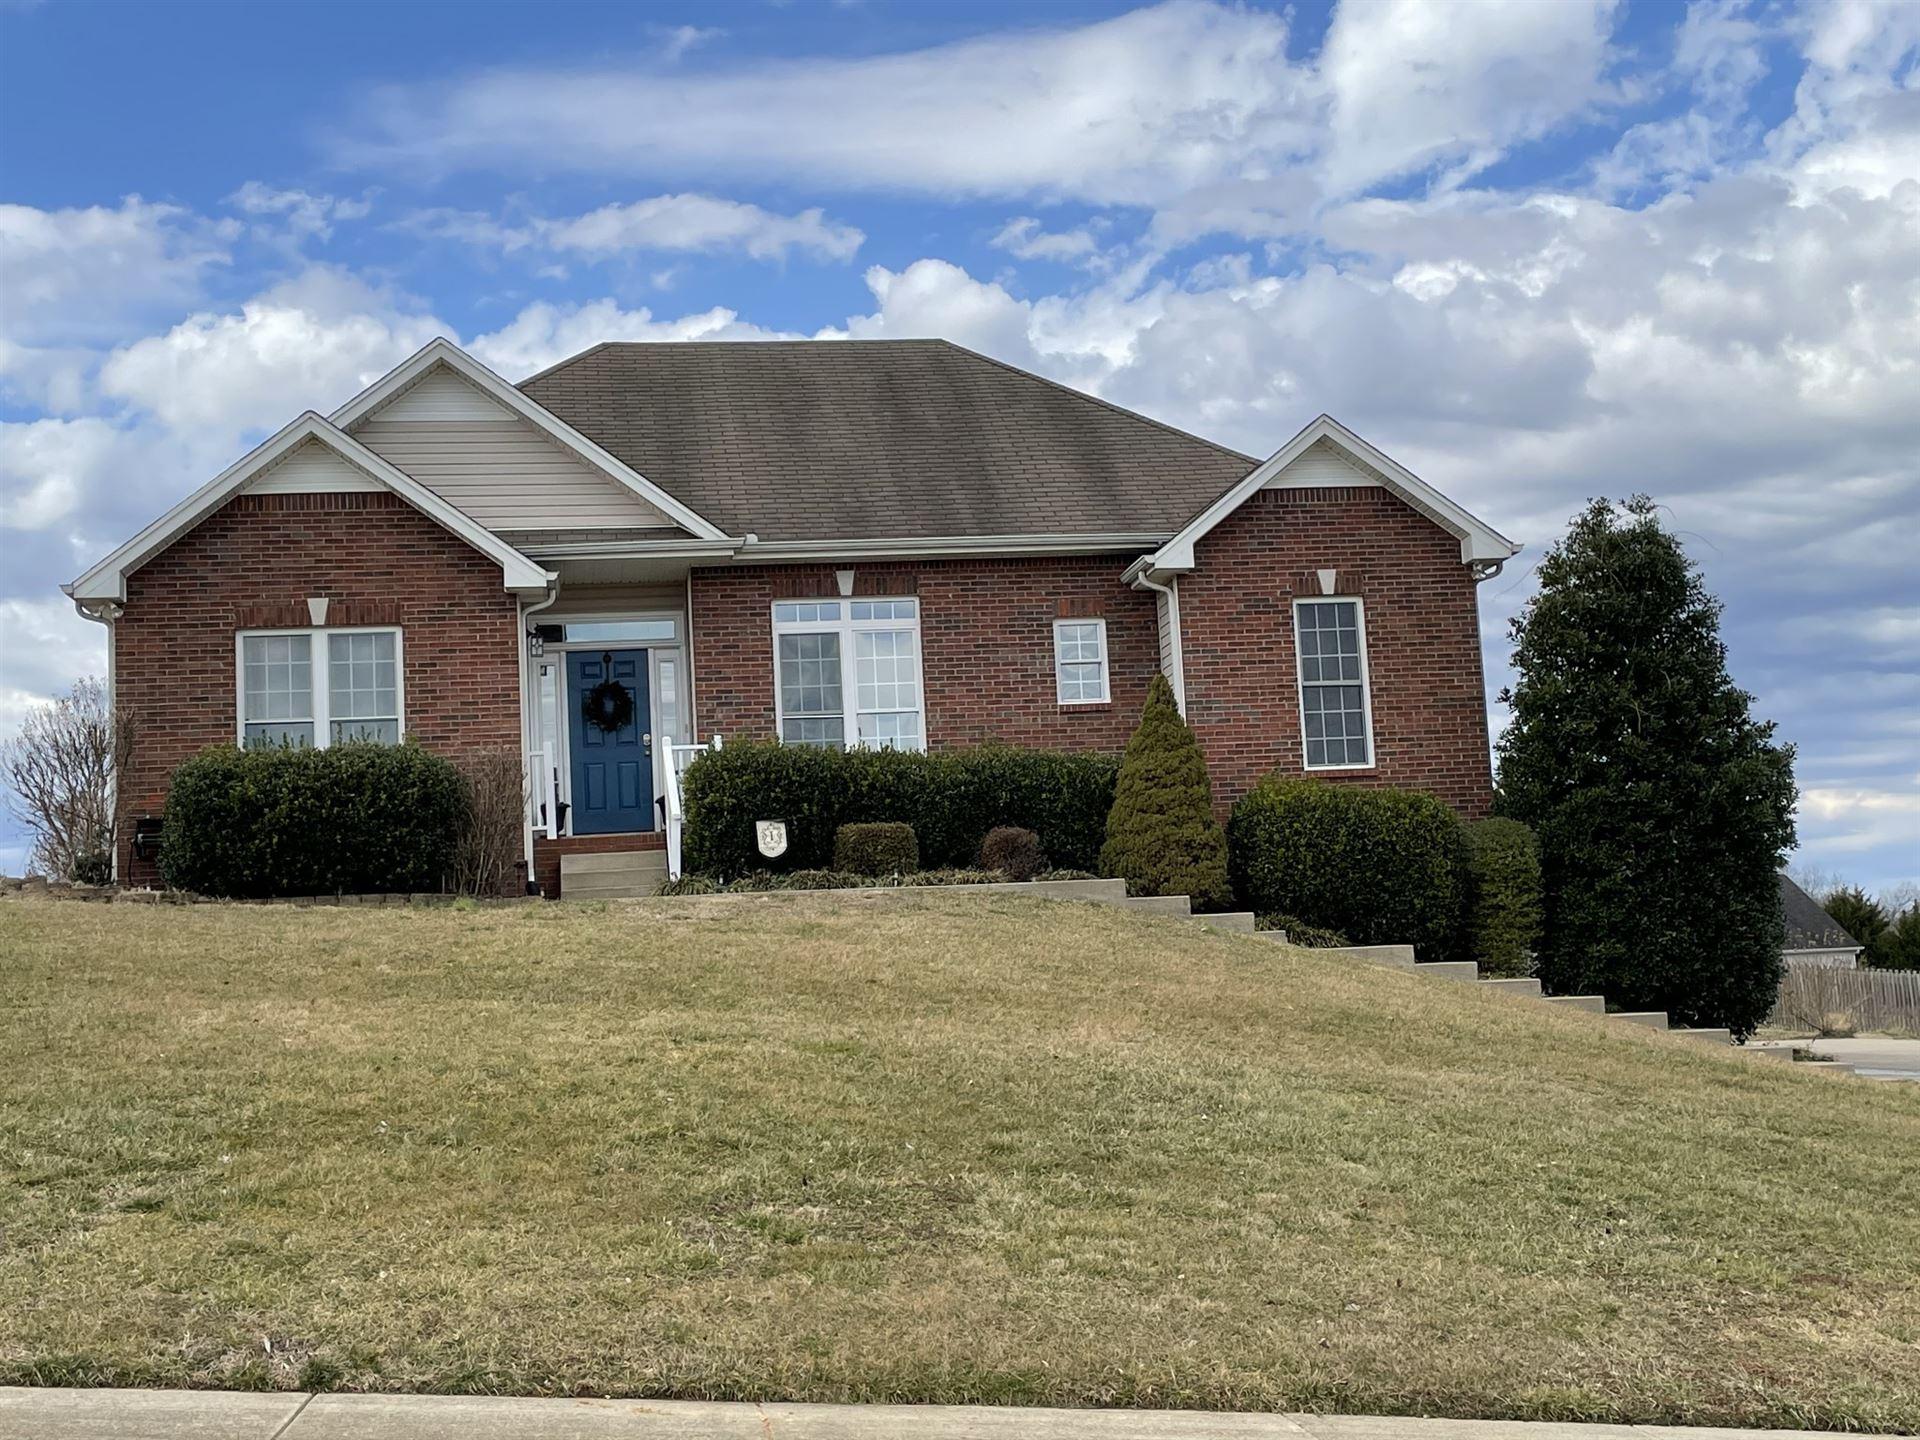 256 Dixie Ln, Pleasant View, TN 37146 - MLS#: 2231943